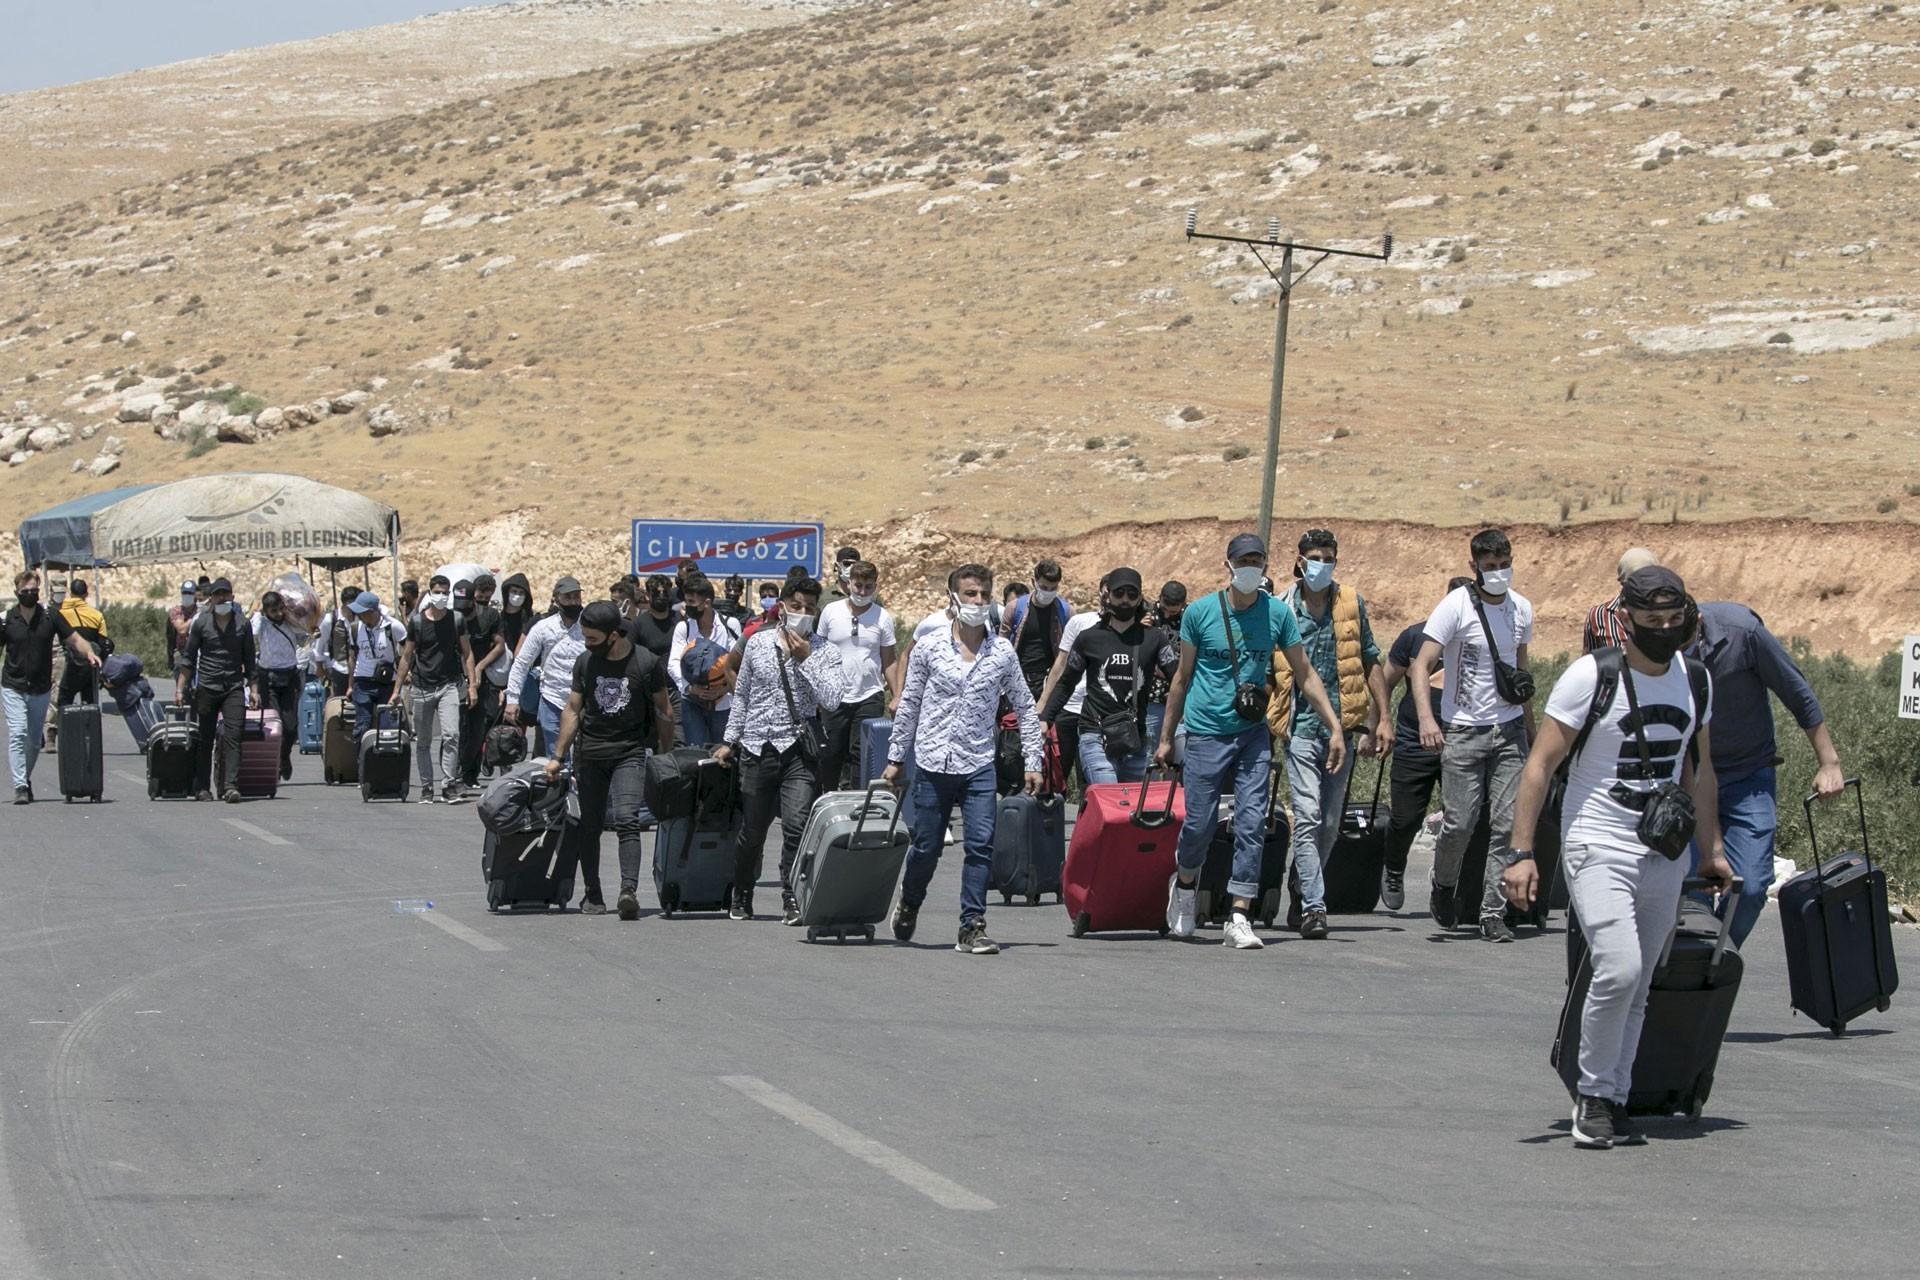 Bayramda Cilvegöz Kapısı'ndan Suriye'ye geçen Suriyeli mülteciler